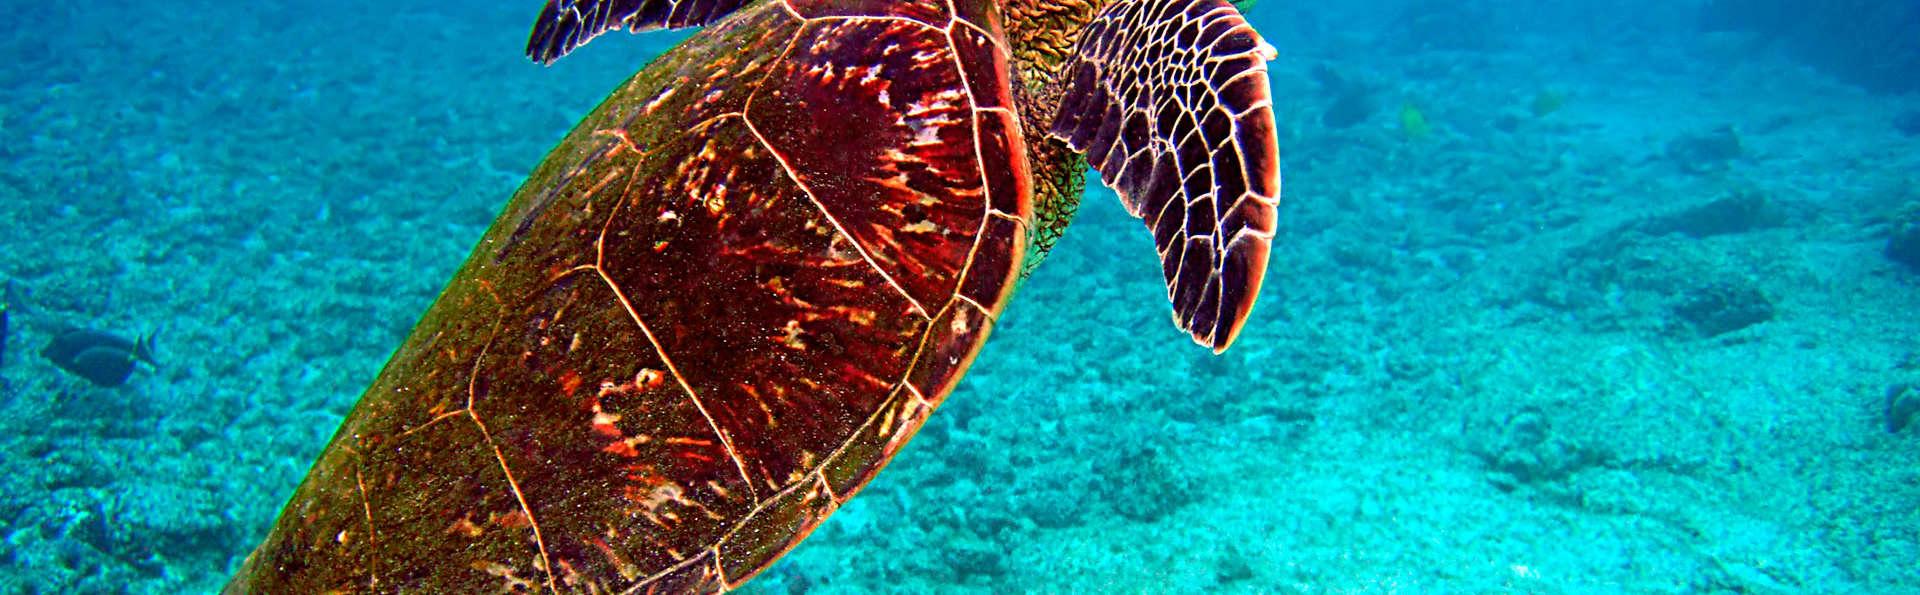 Découvrez l'Aquarium de Saint-Malo le temps d'une escapade !